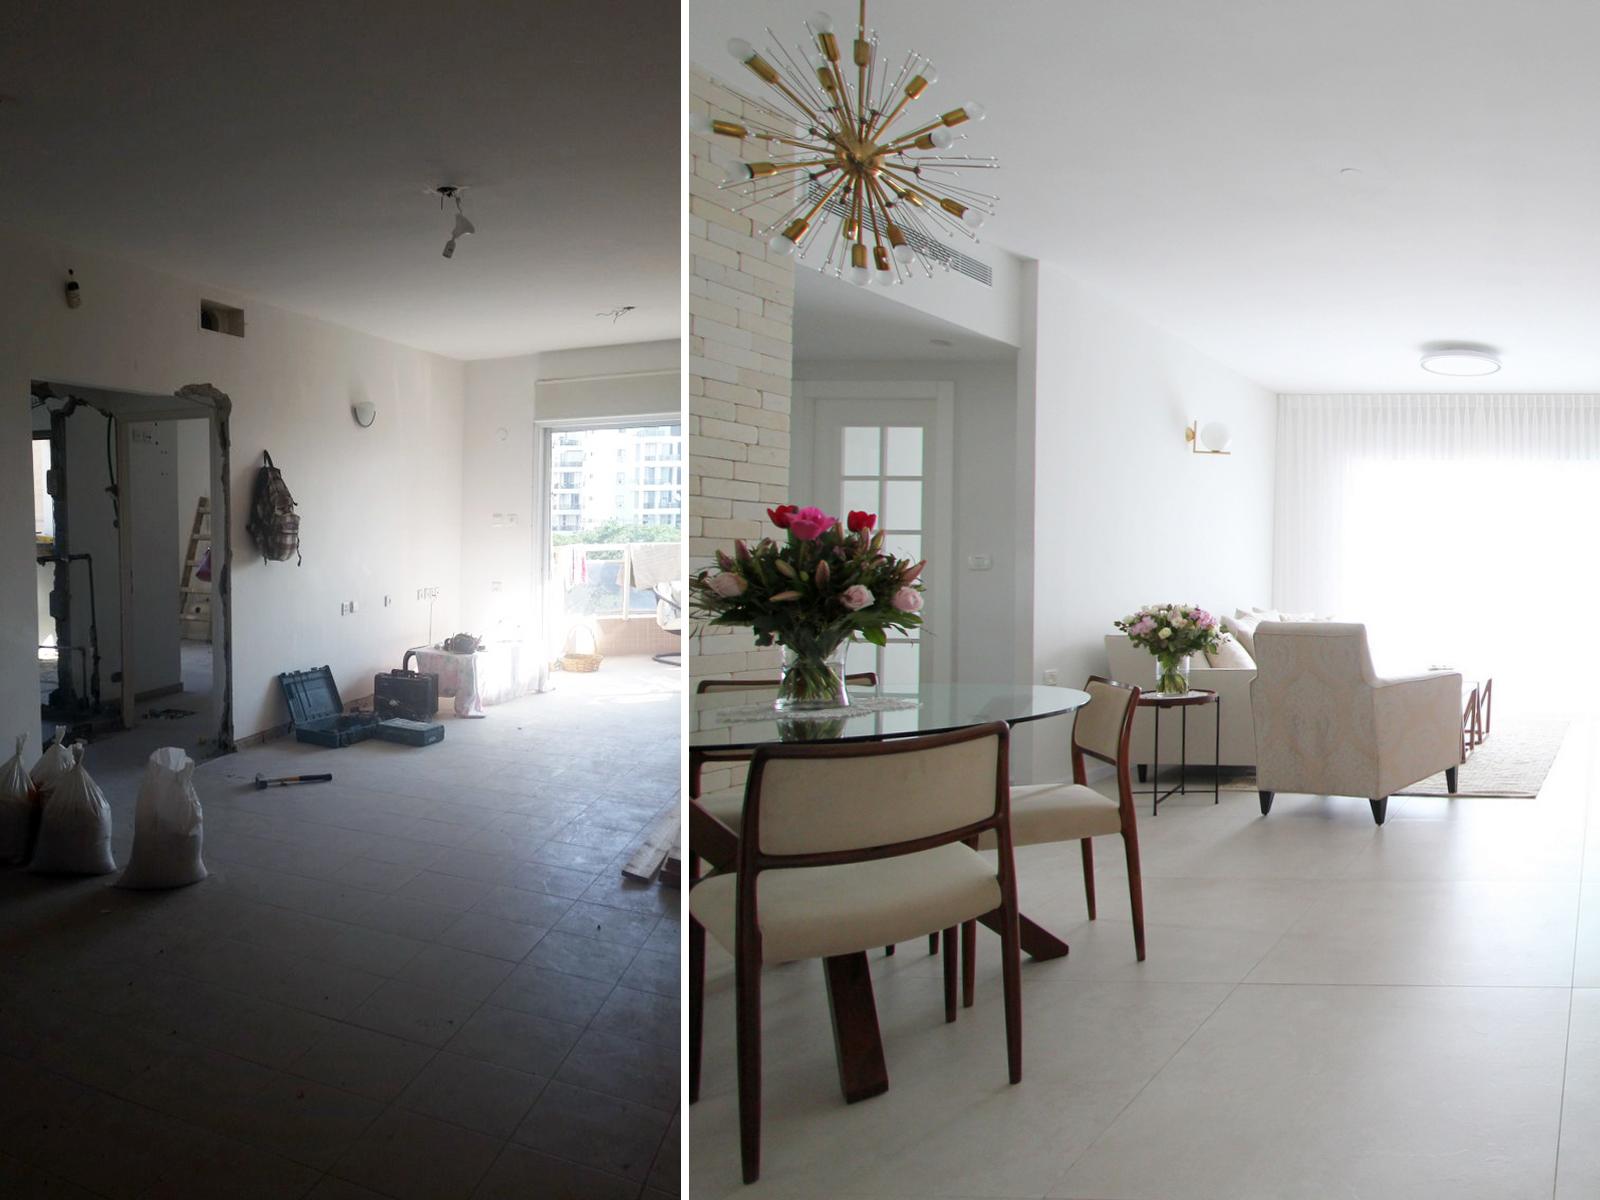 לפני ואחרי חלל ציבורי עיצוב וצילום לירון גונן